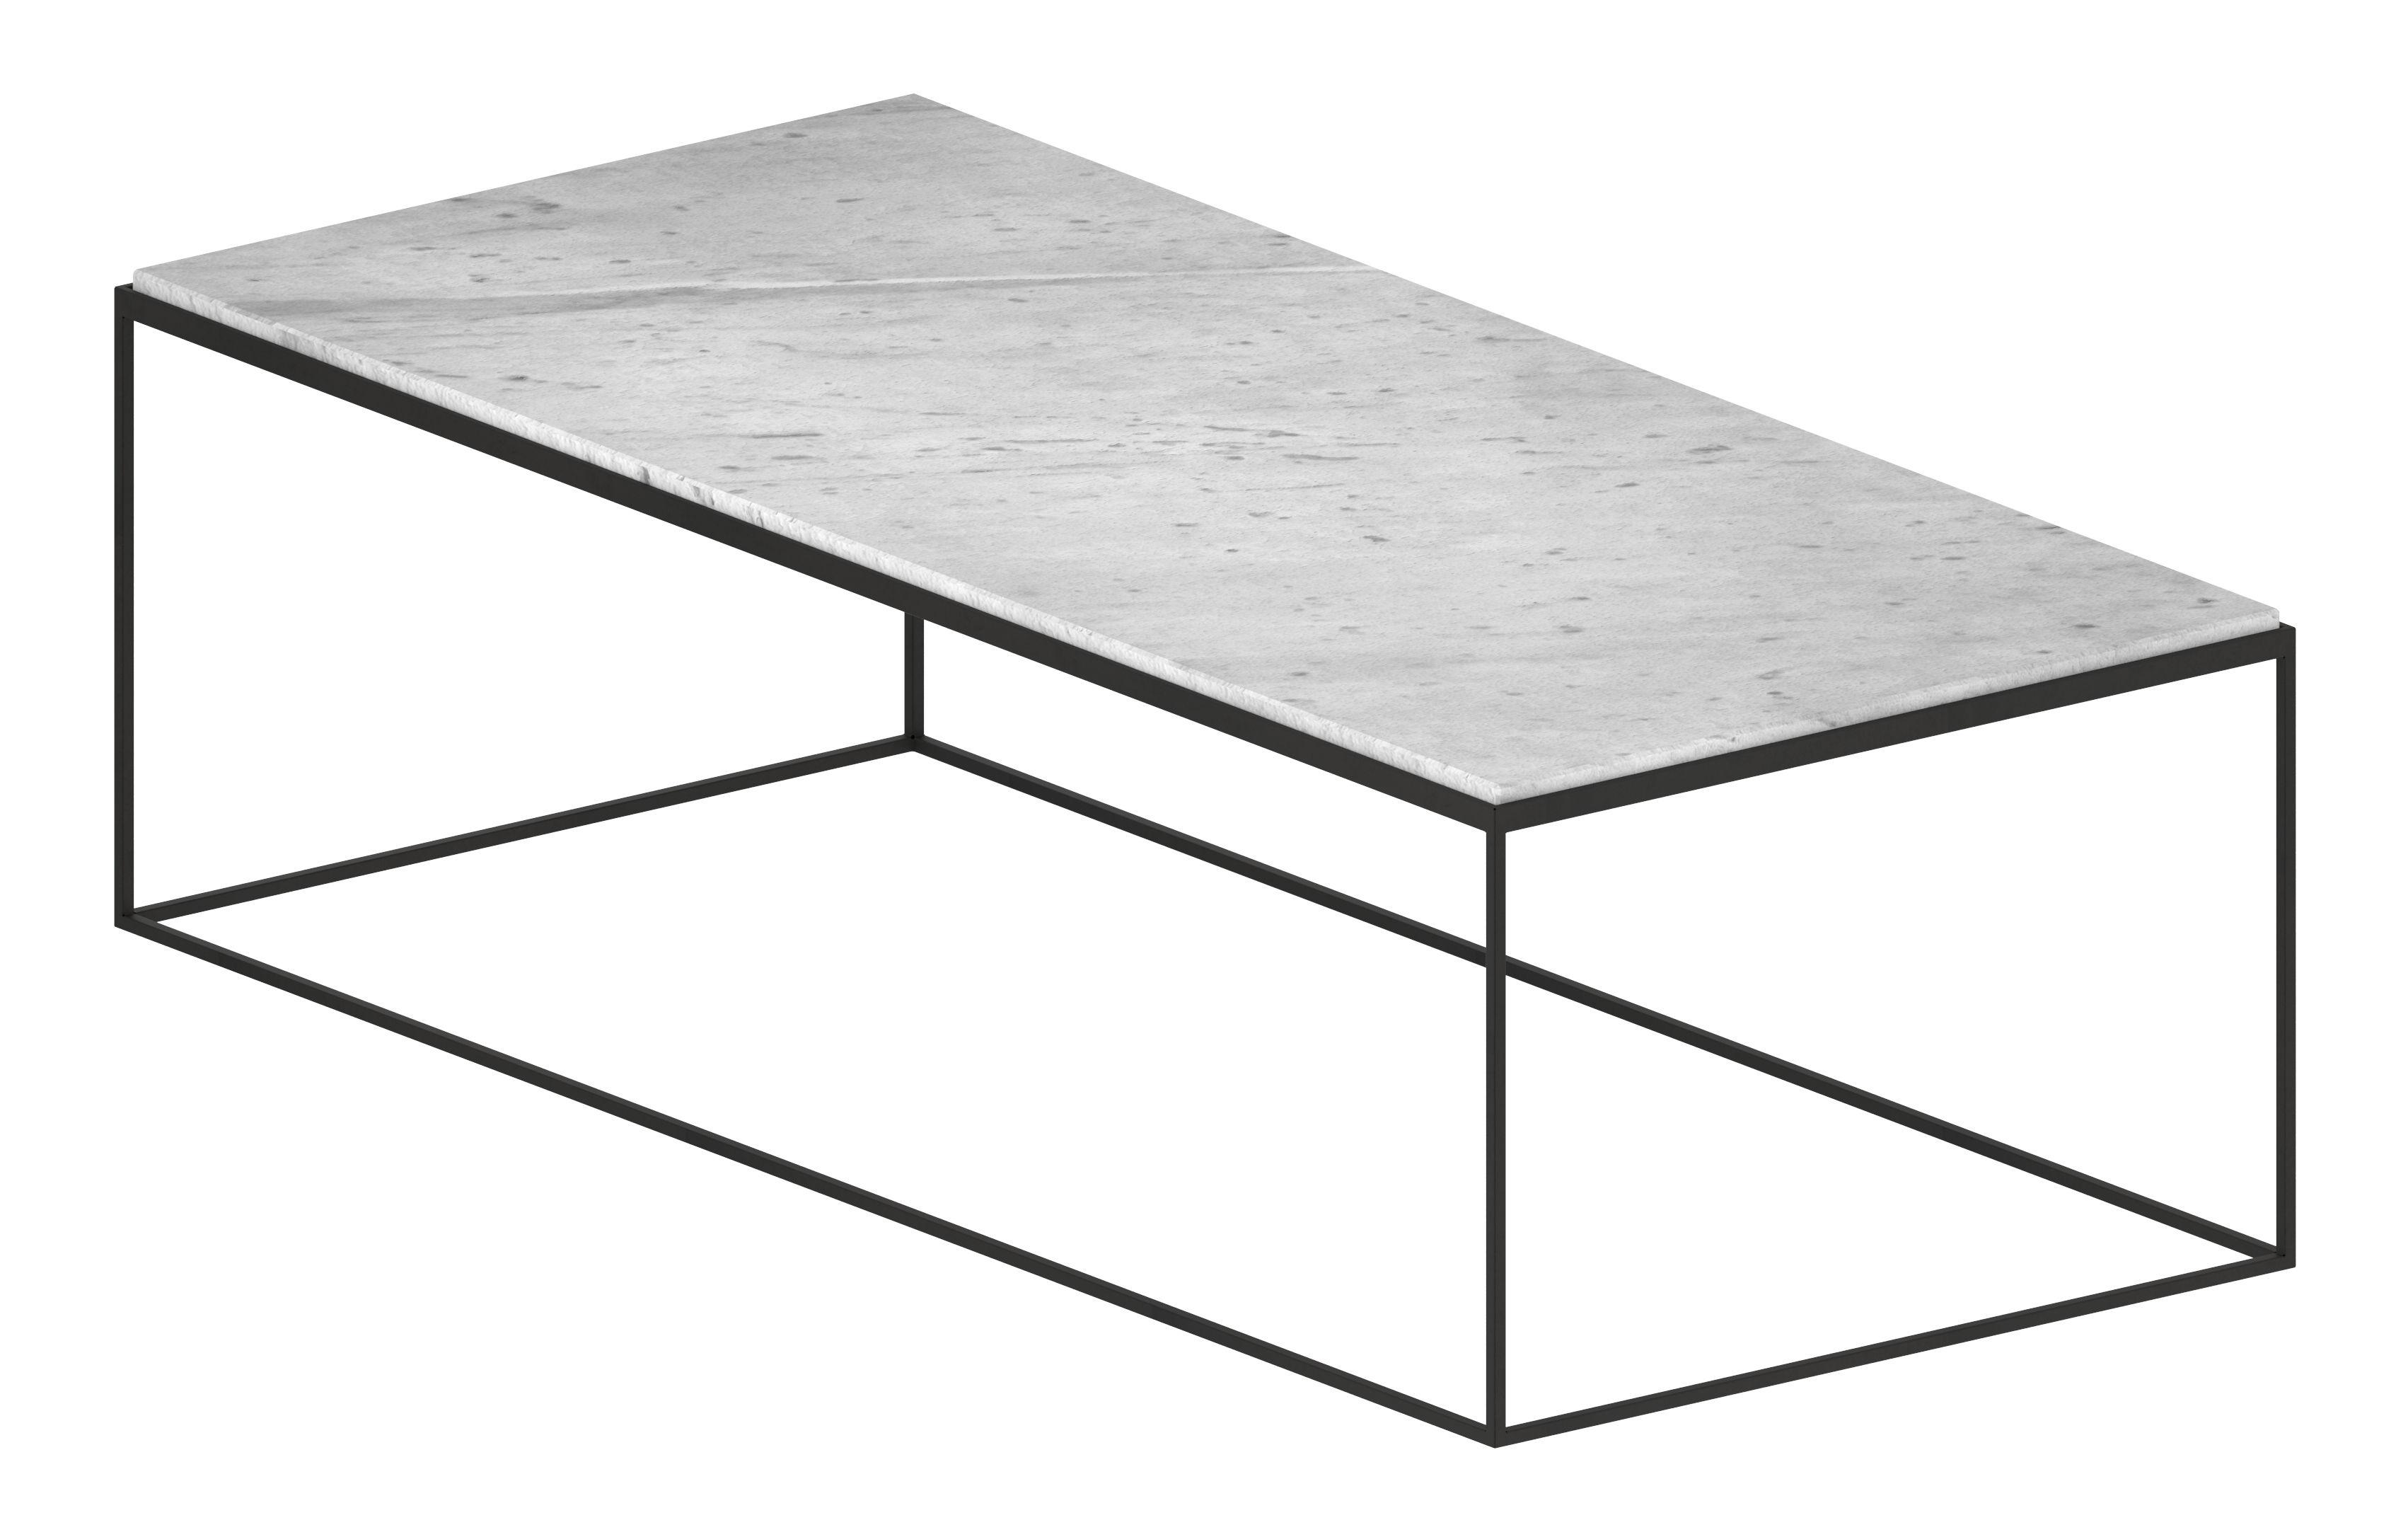 Mobilier - Tables basses - Table basse Slim Marbre / 118 x 53 x H 36 cm - Zeus - Large / Marbre blanc - Acier peint époxy, Marbre de Carrare